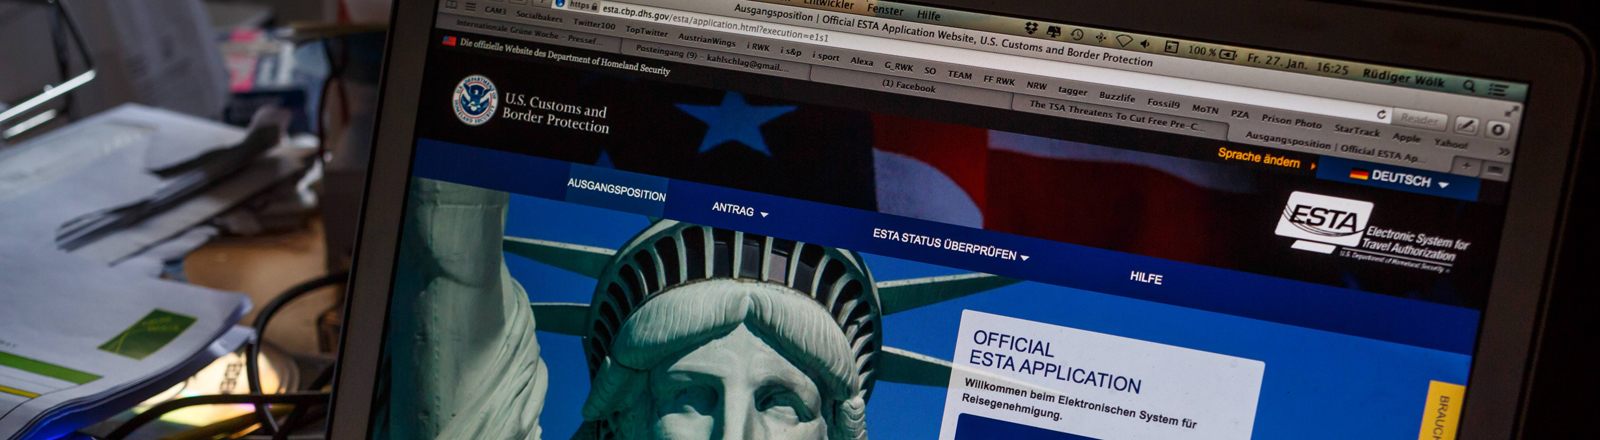 Elektronisches System zur Einreise in die USA (Esta)